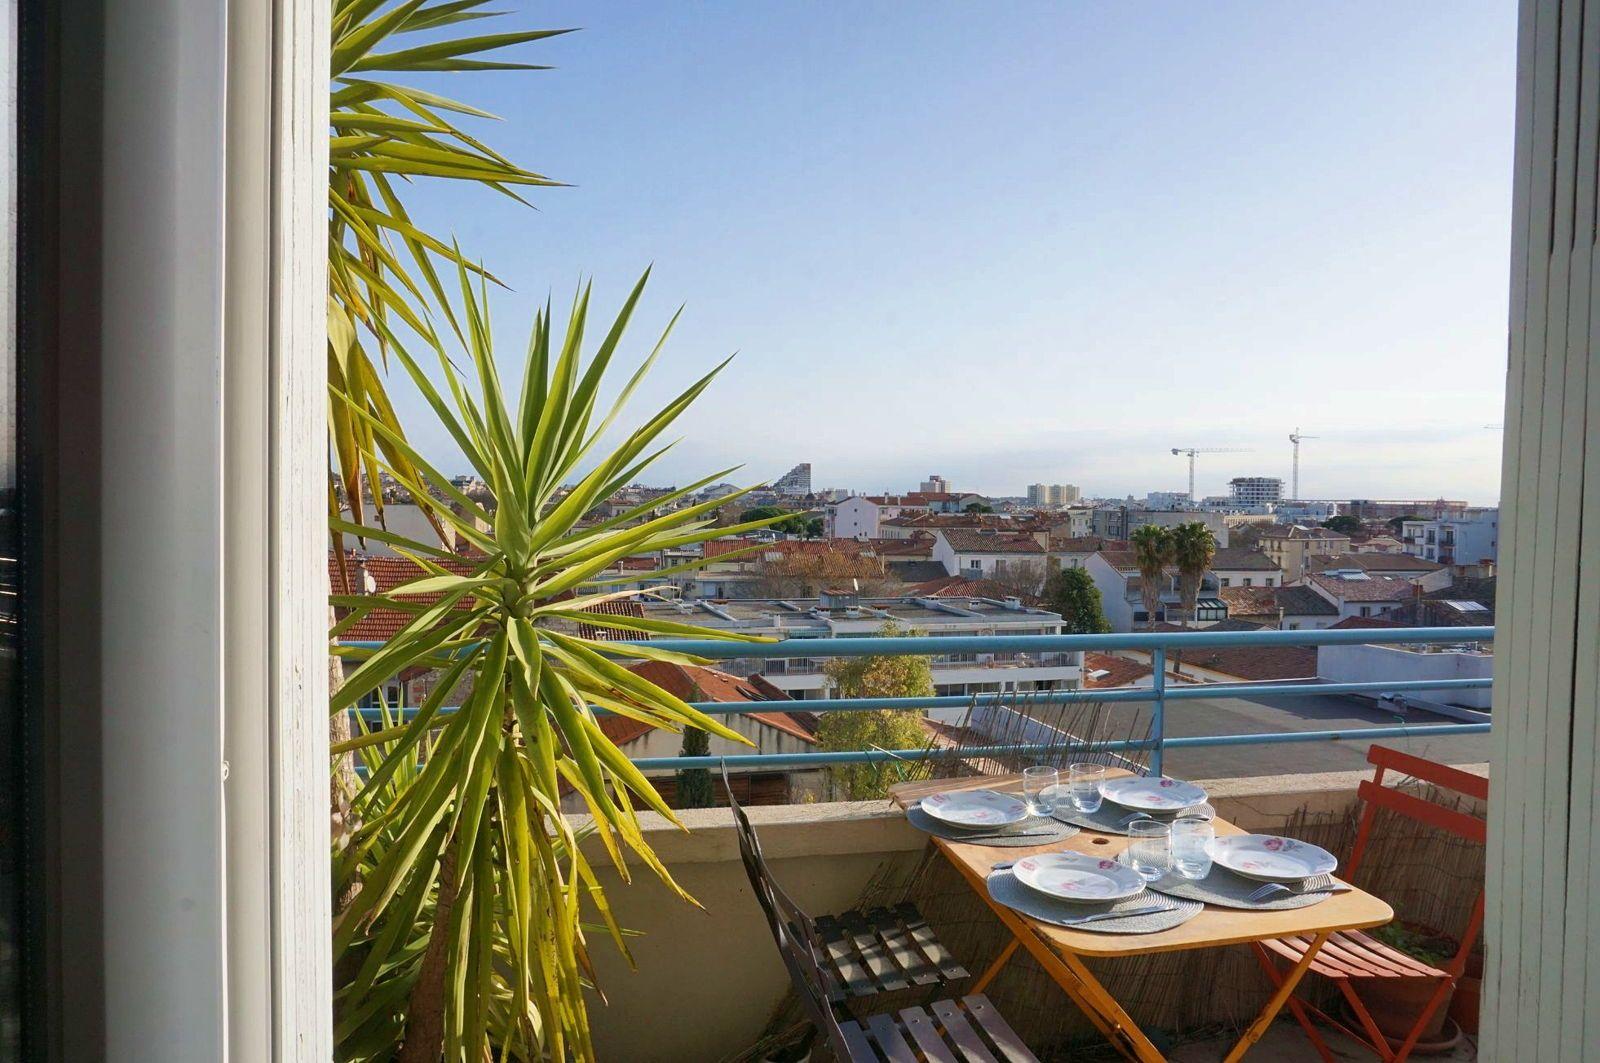 Vends appartement d'architectes 110m², Montpellier, Clémenceau/Chaptal - 3chambres